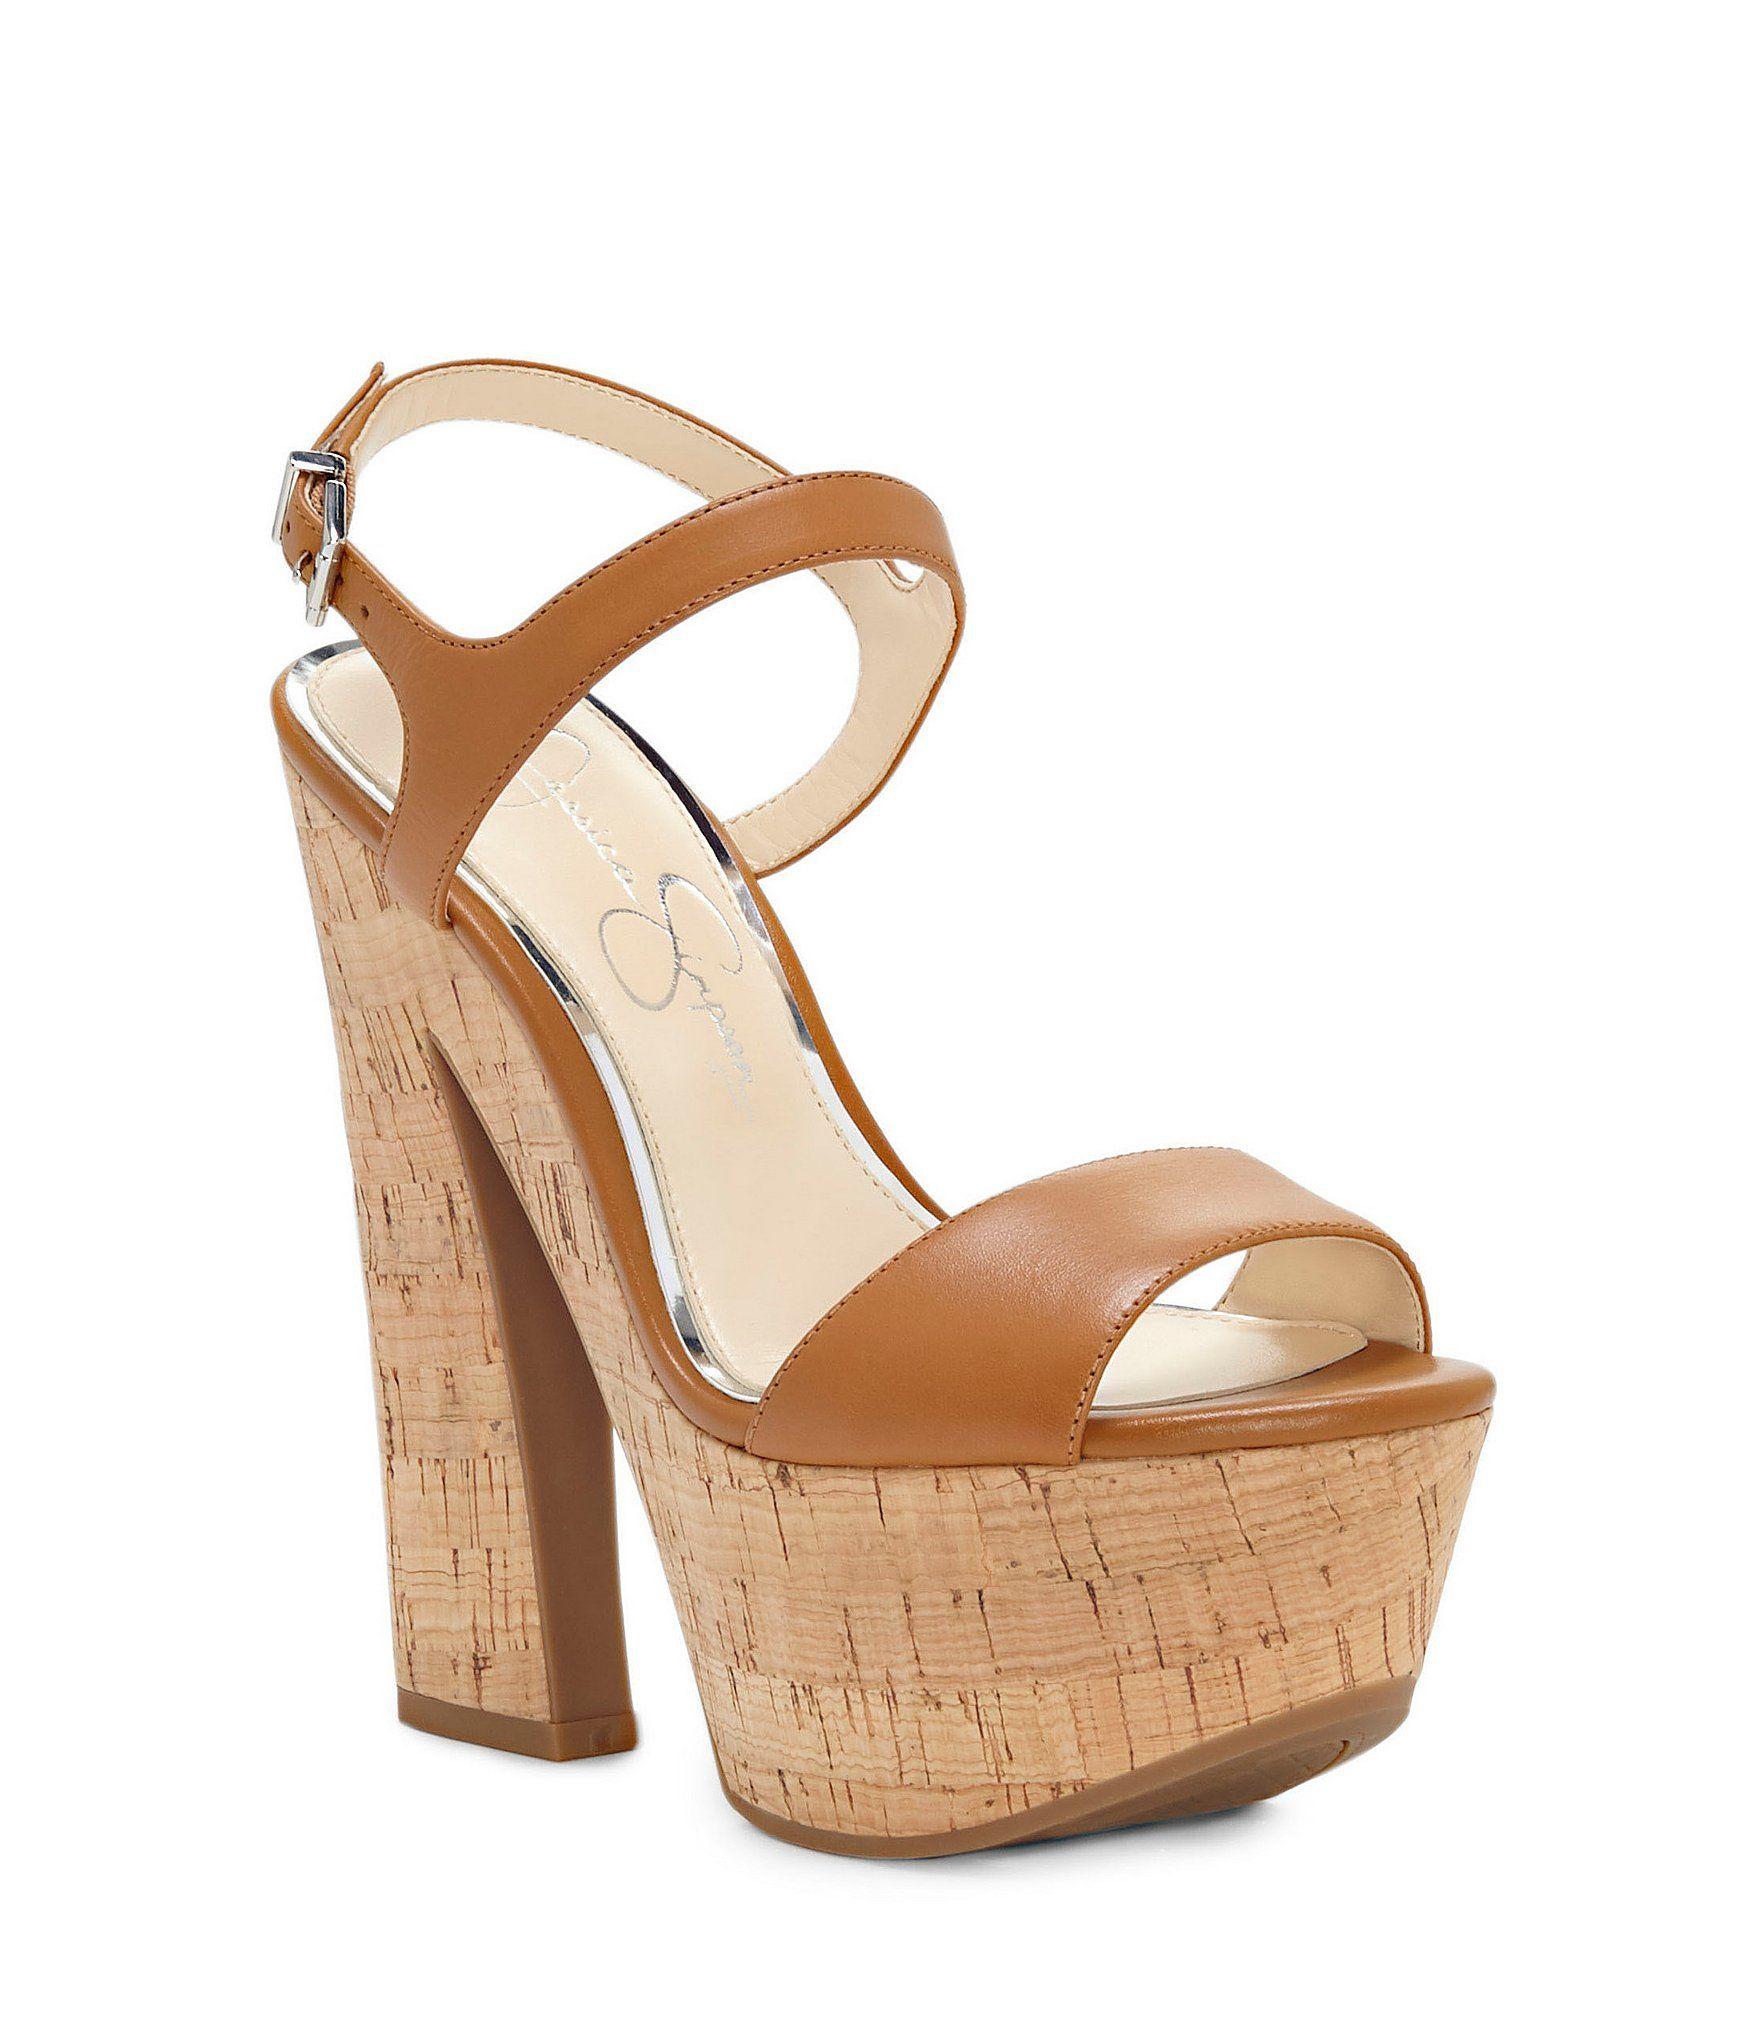 93a67f227f4 Jessica Simpson Divella Platform Sandals  Dillards